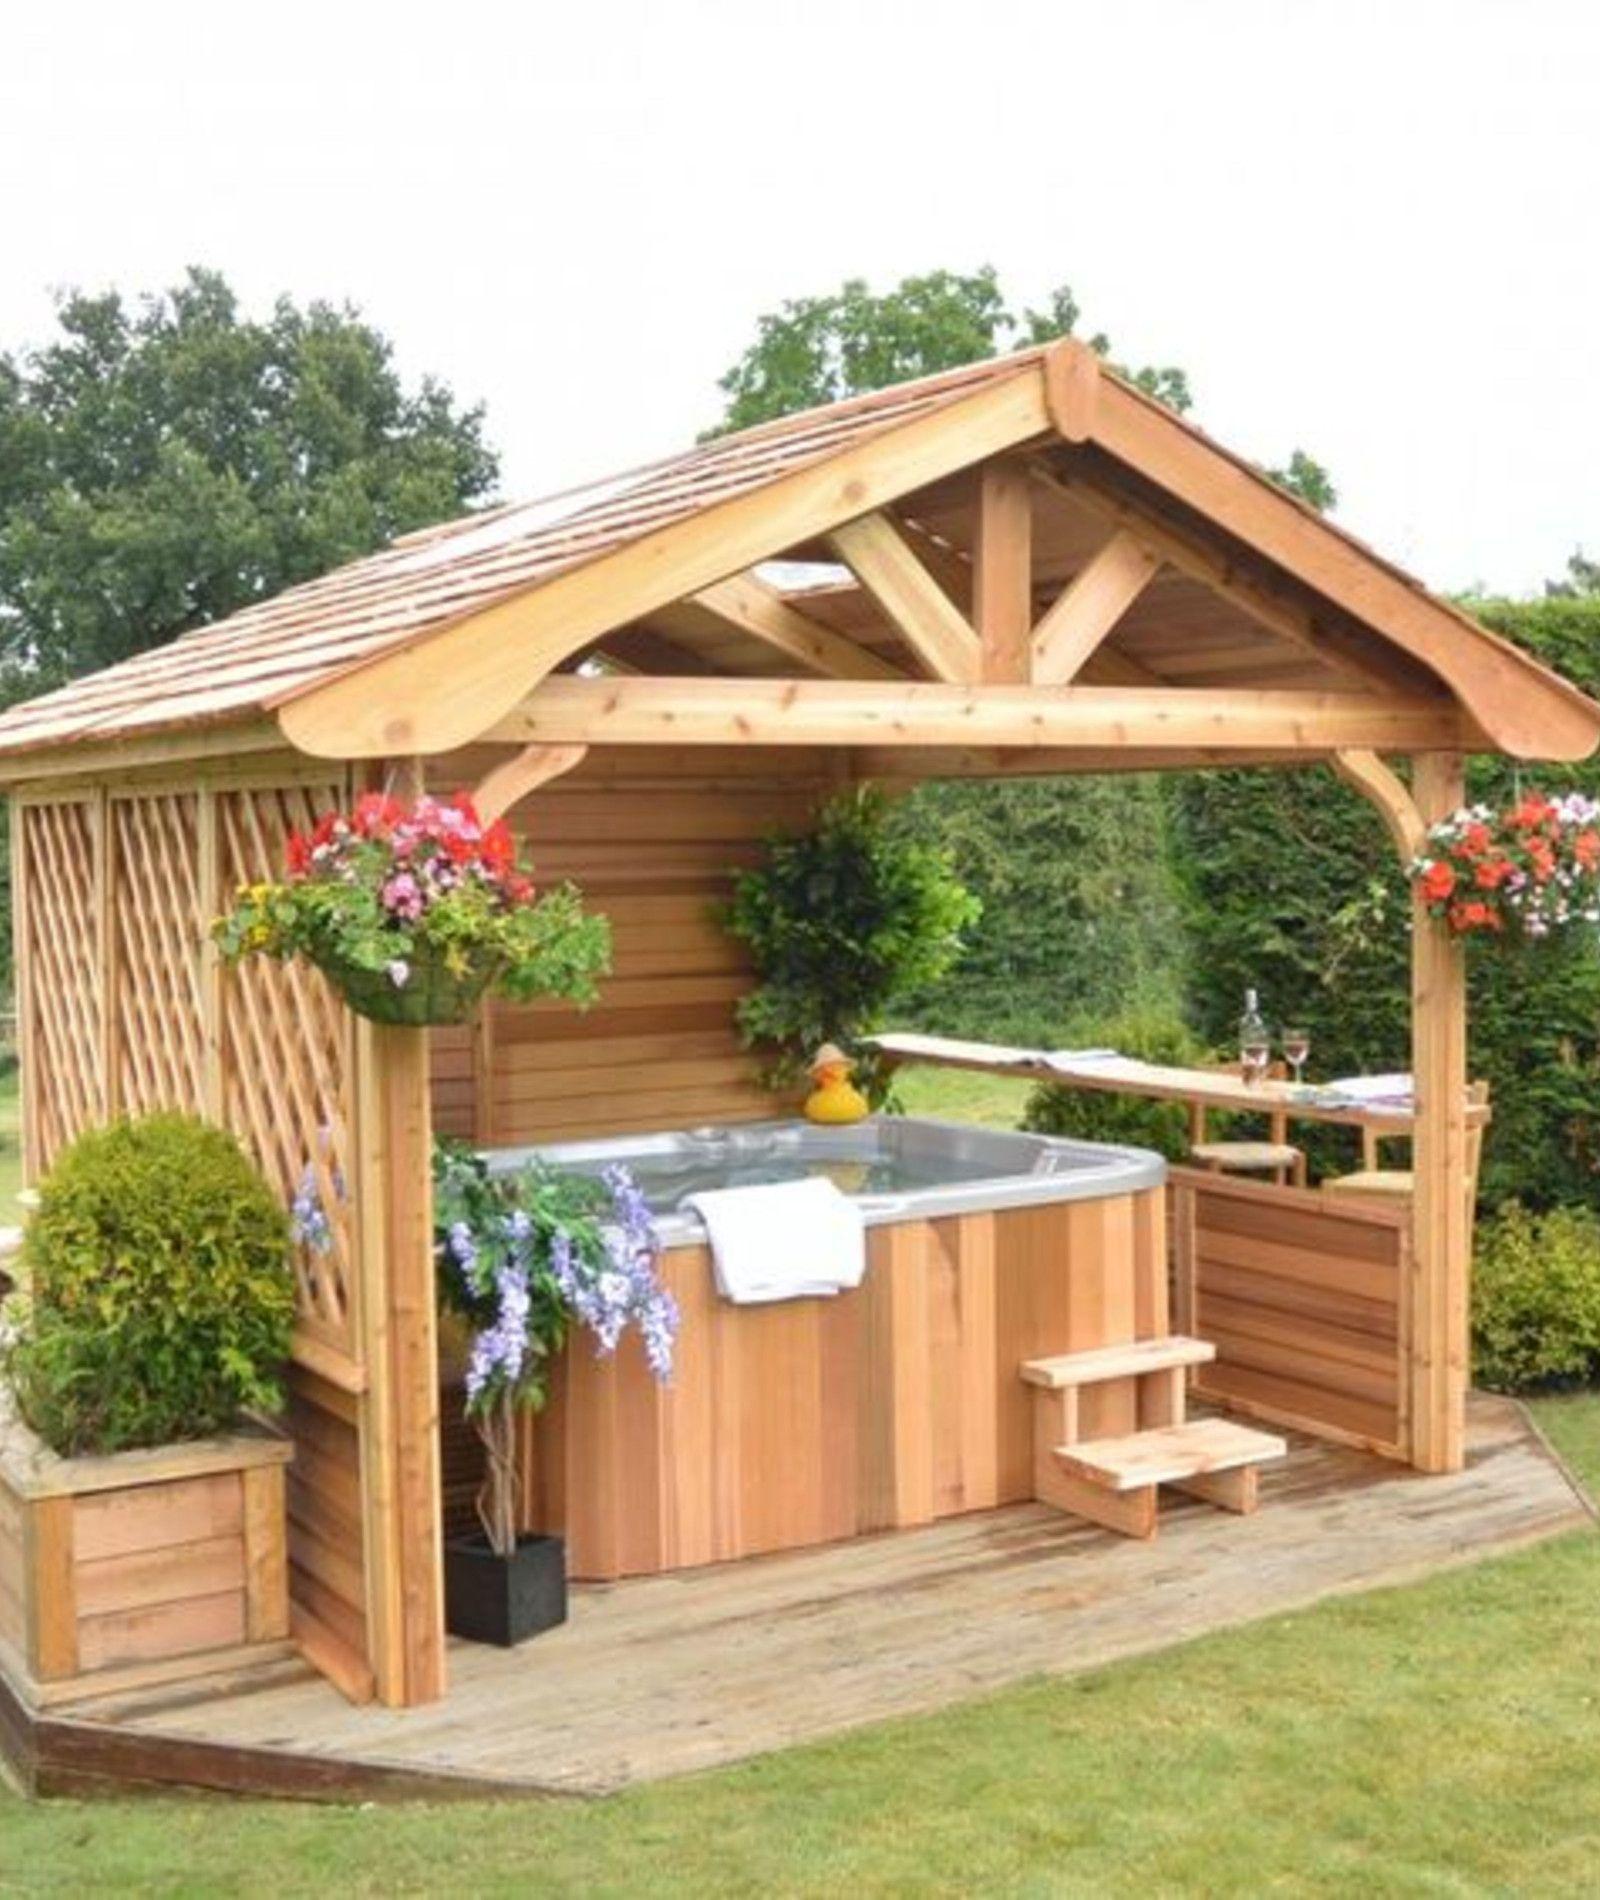 Lazy Spa Bewertung Coleman Lay Z Spa Inflatable Hot Tub Bewertungen Ideen Fur Ihren Garten In 2020 Hot Tub Landscaping Hot Tub Garden Hot Tub Backyard